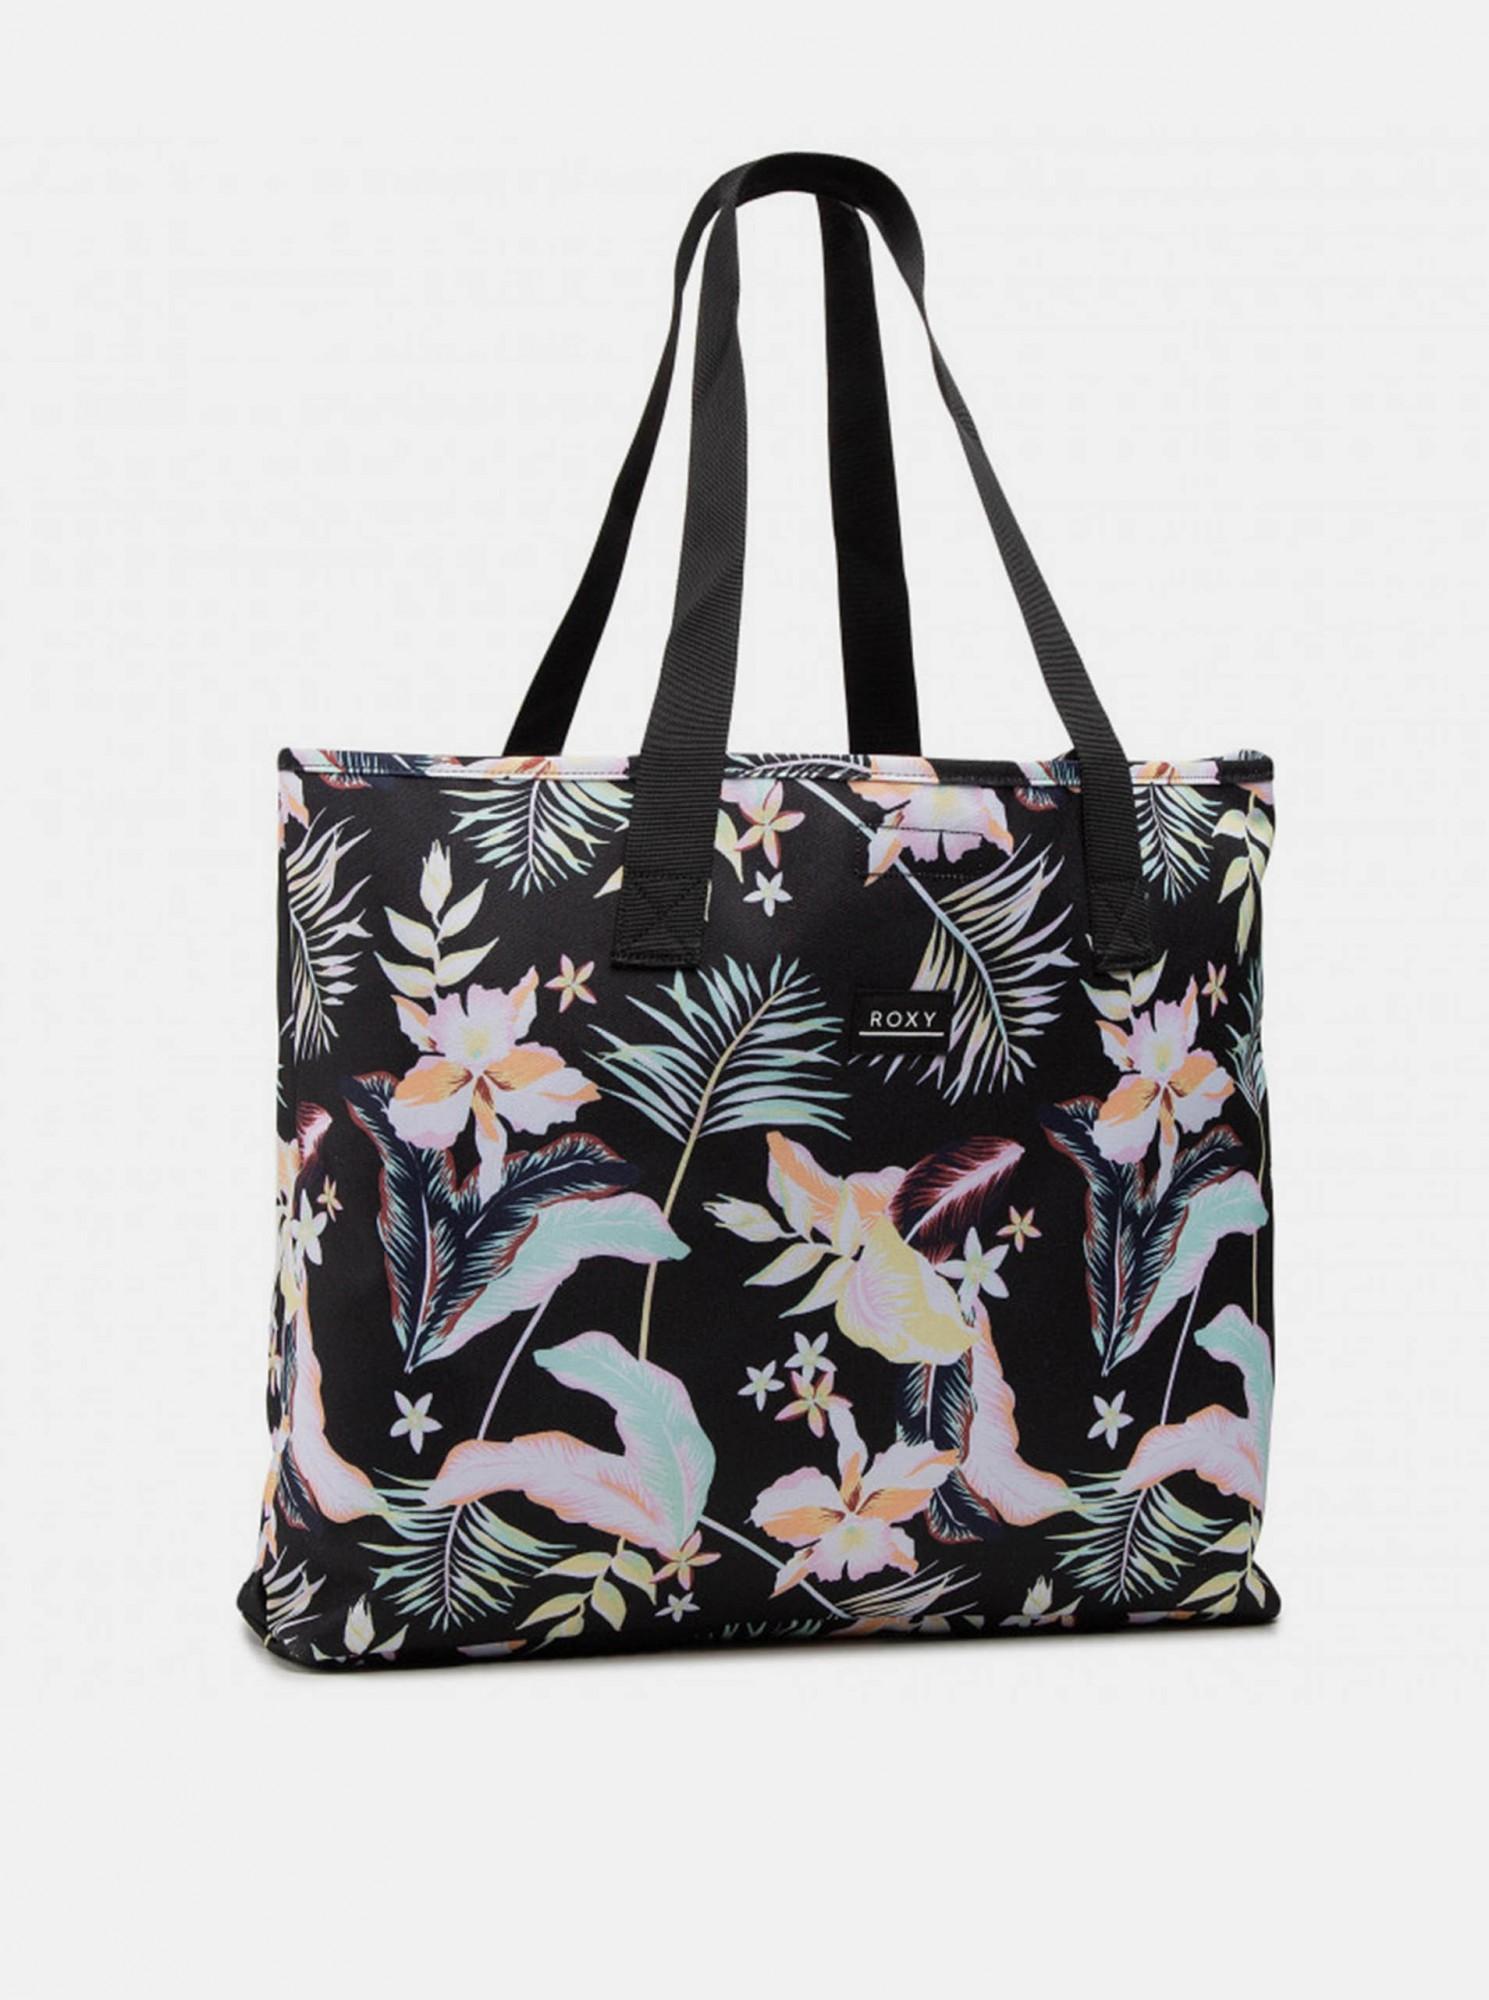 Roxy negre geantă de plajă